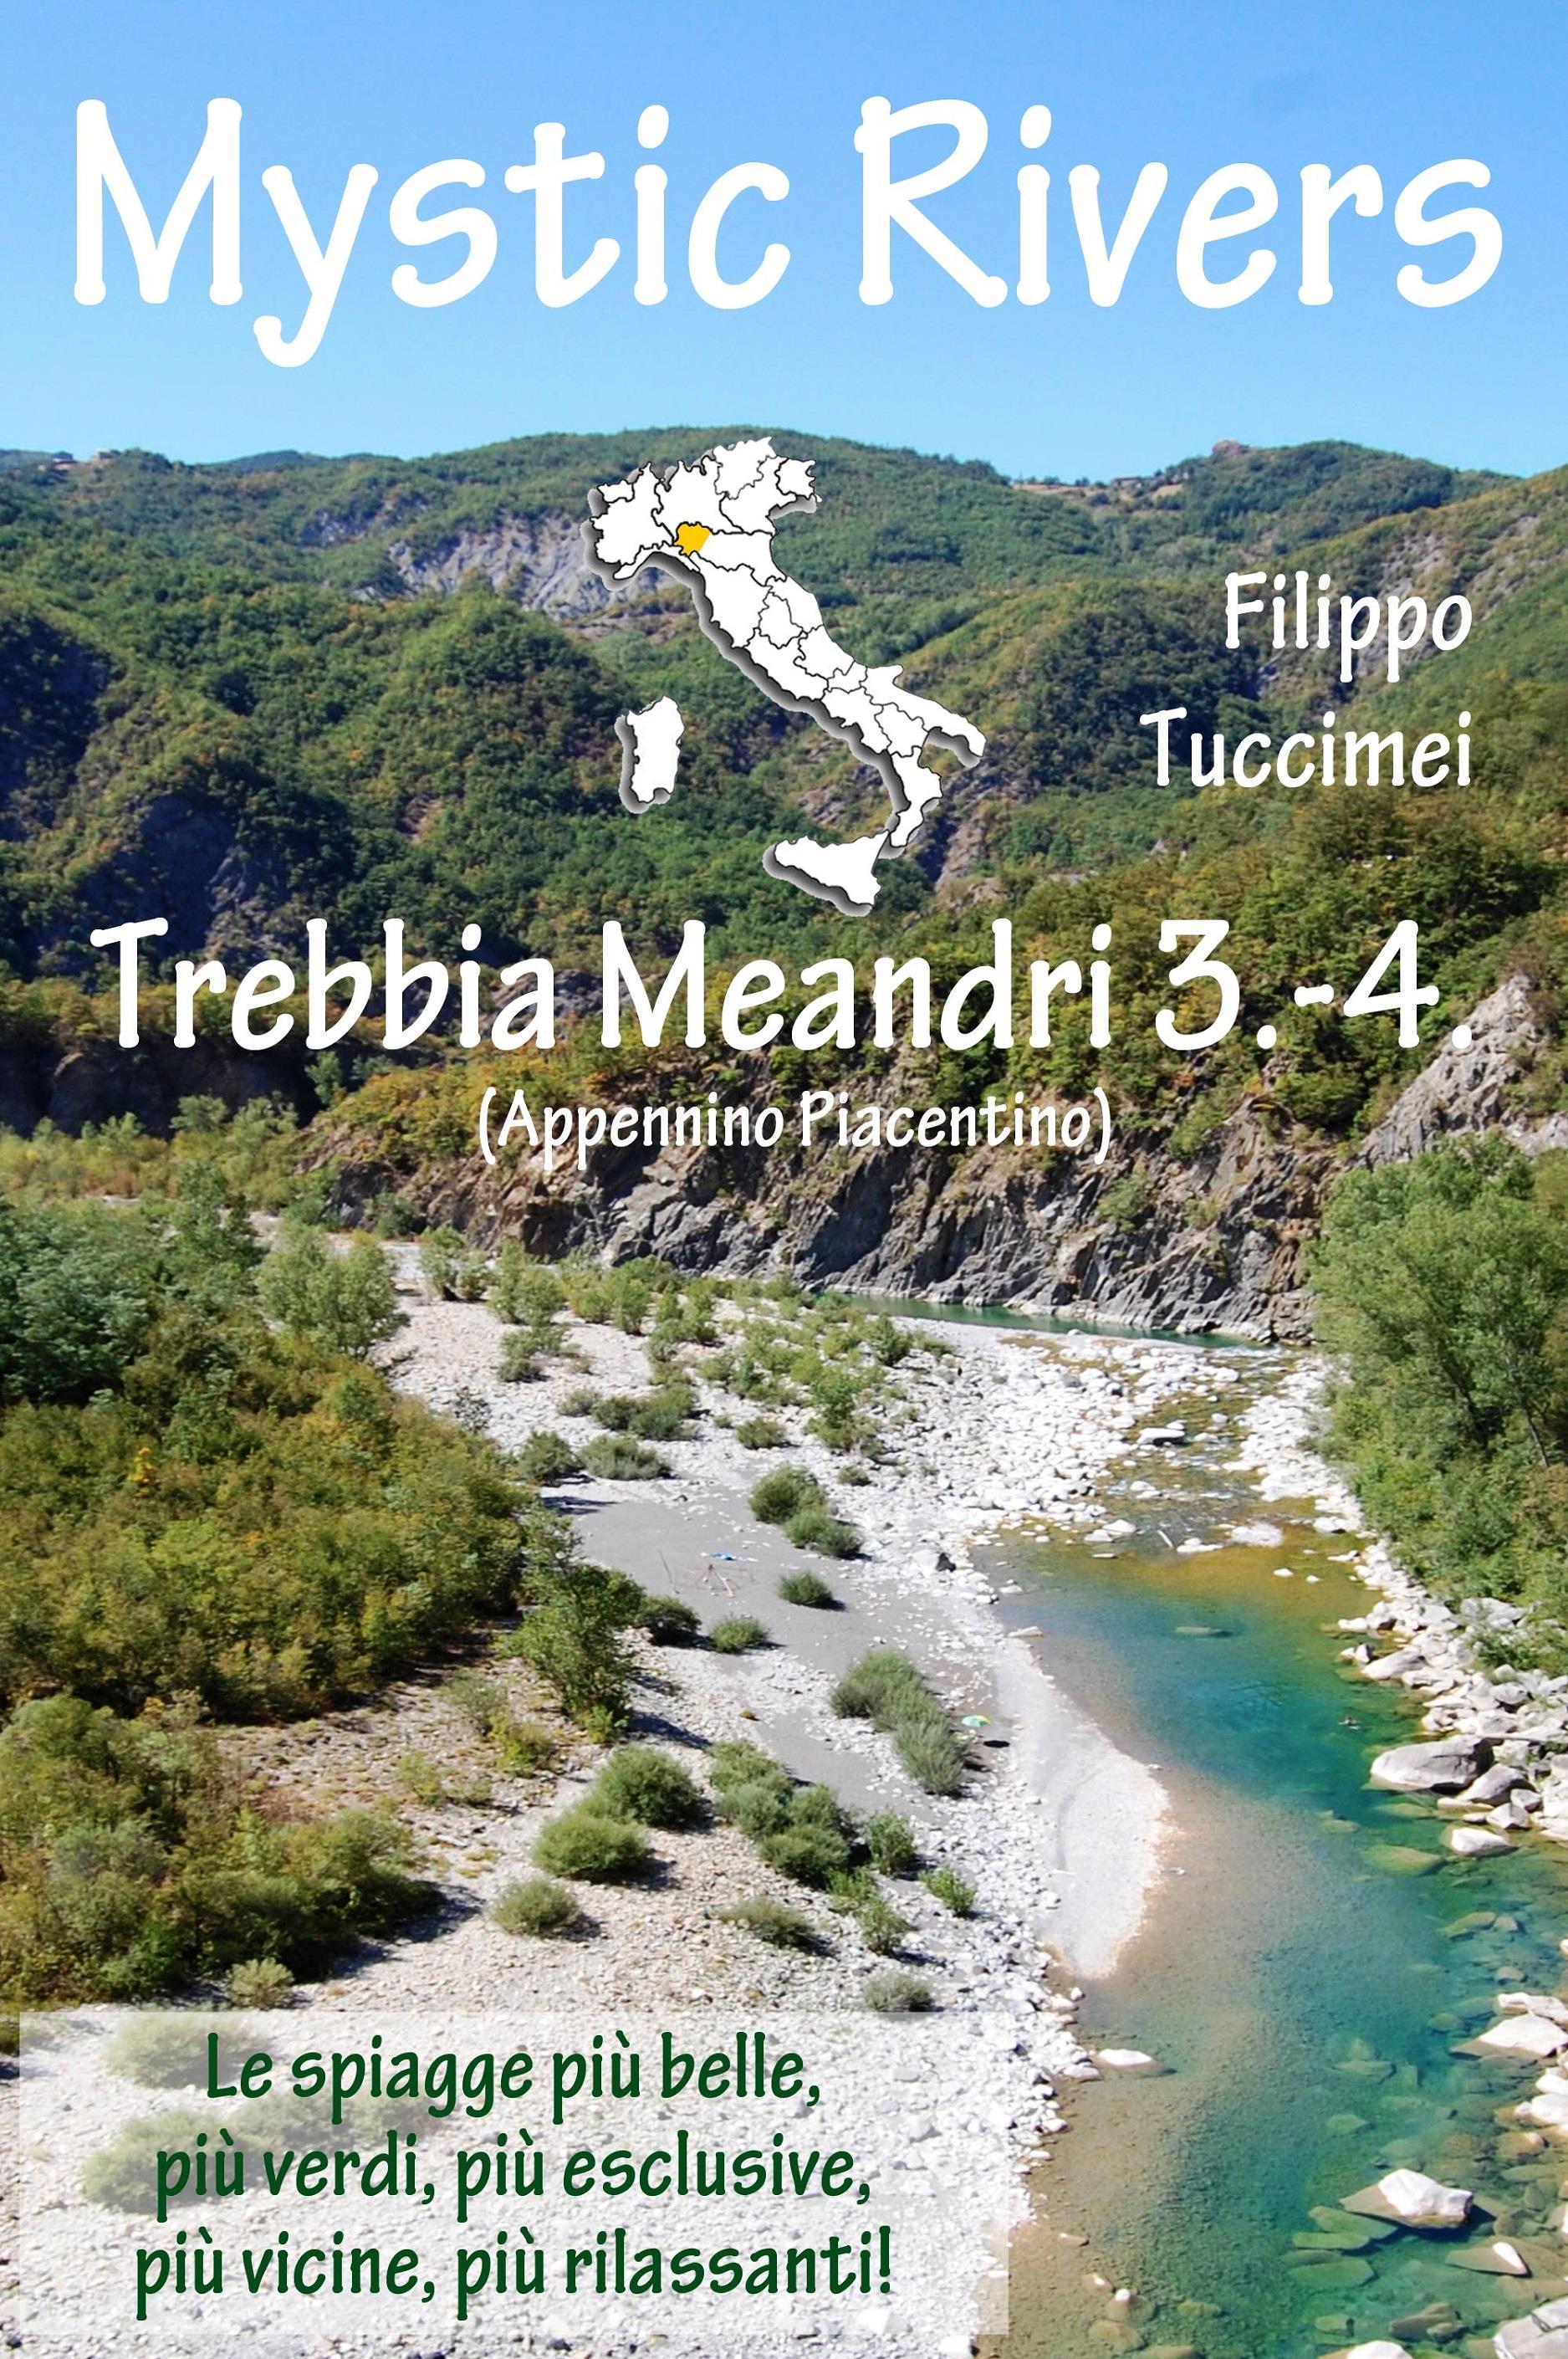 Mystic Rivers - Trebbia, Meandri 3. - 4.